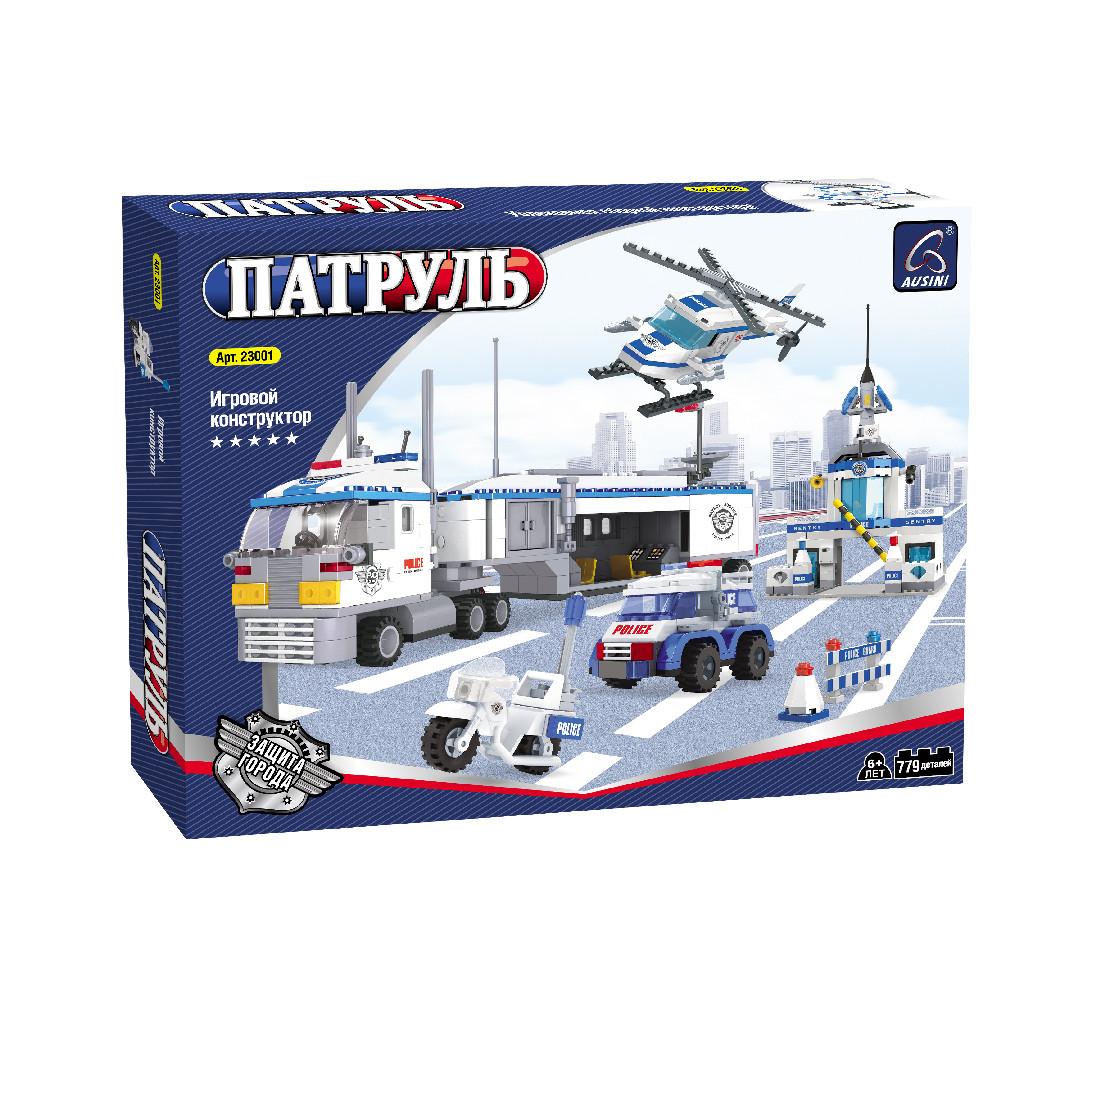 Игровой конструктор Ausini 23001 Патруль Большой мобильный штаб полиции 779 деталей Цветная коробка